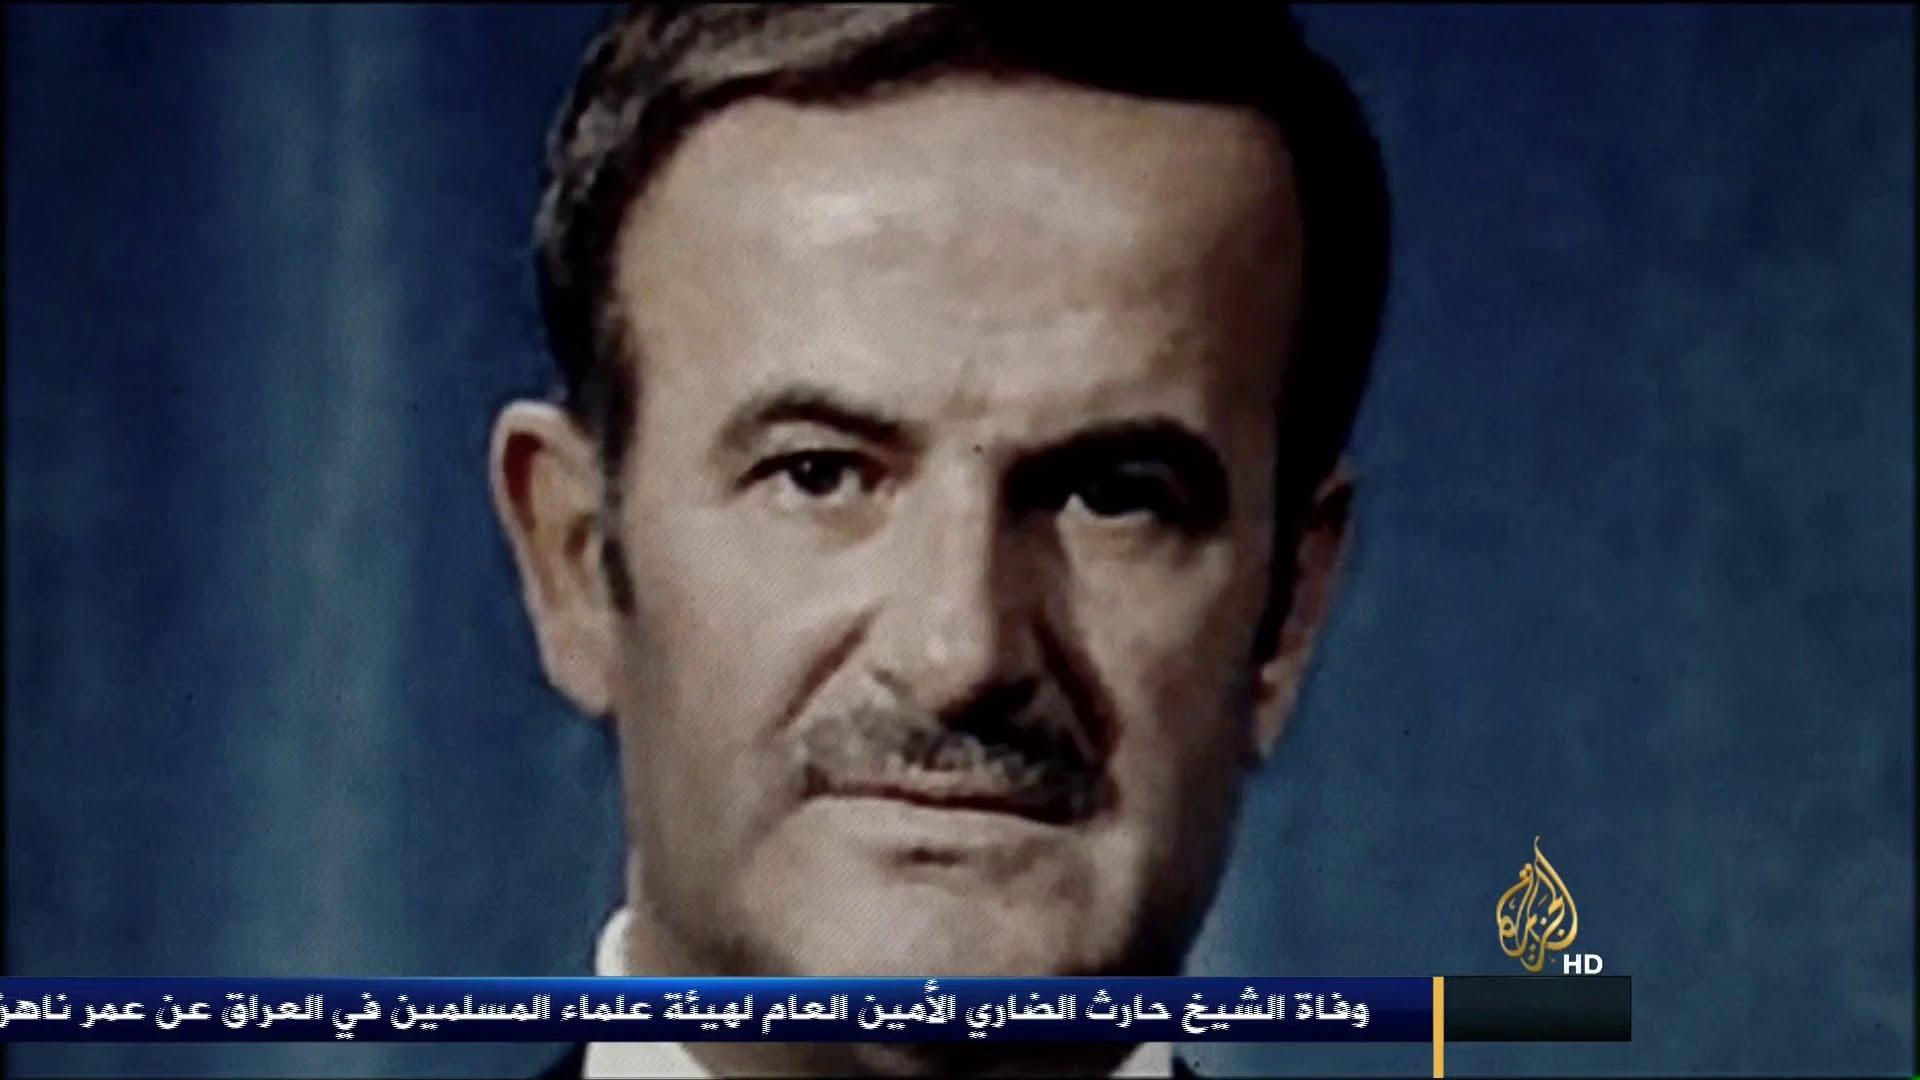 وثائقي | حافظ الأسد .. كيف حكم ؟